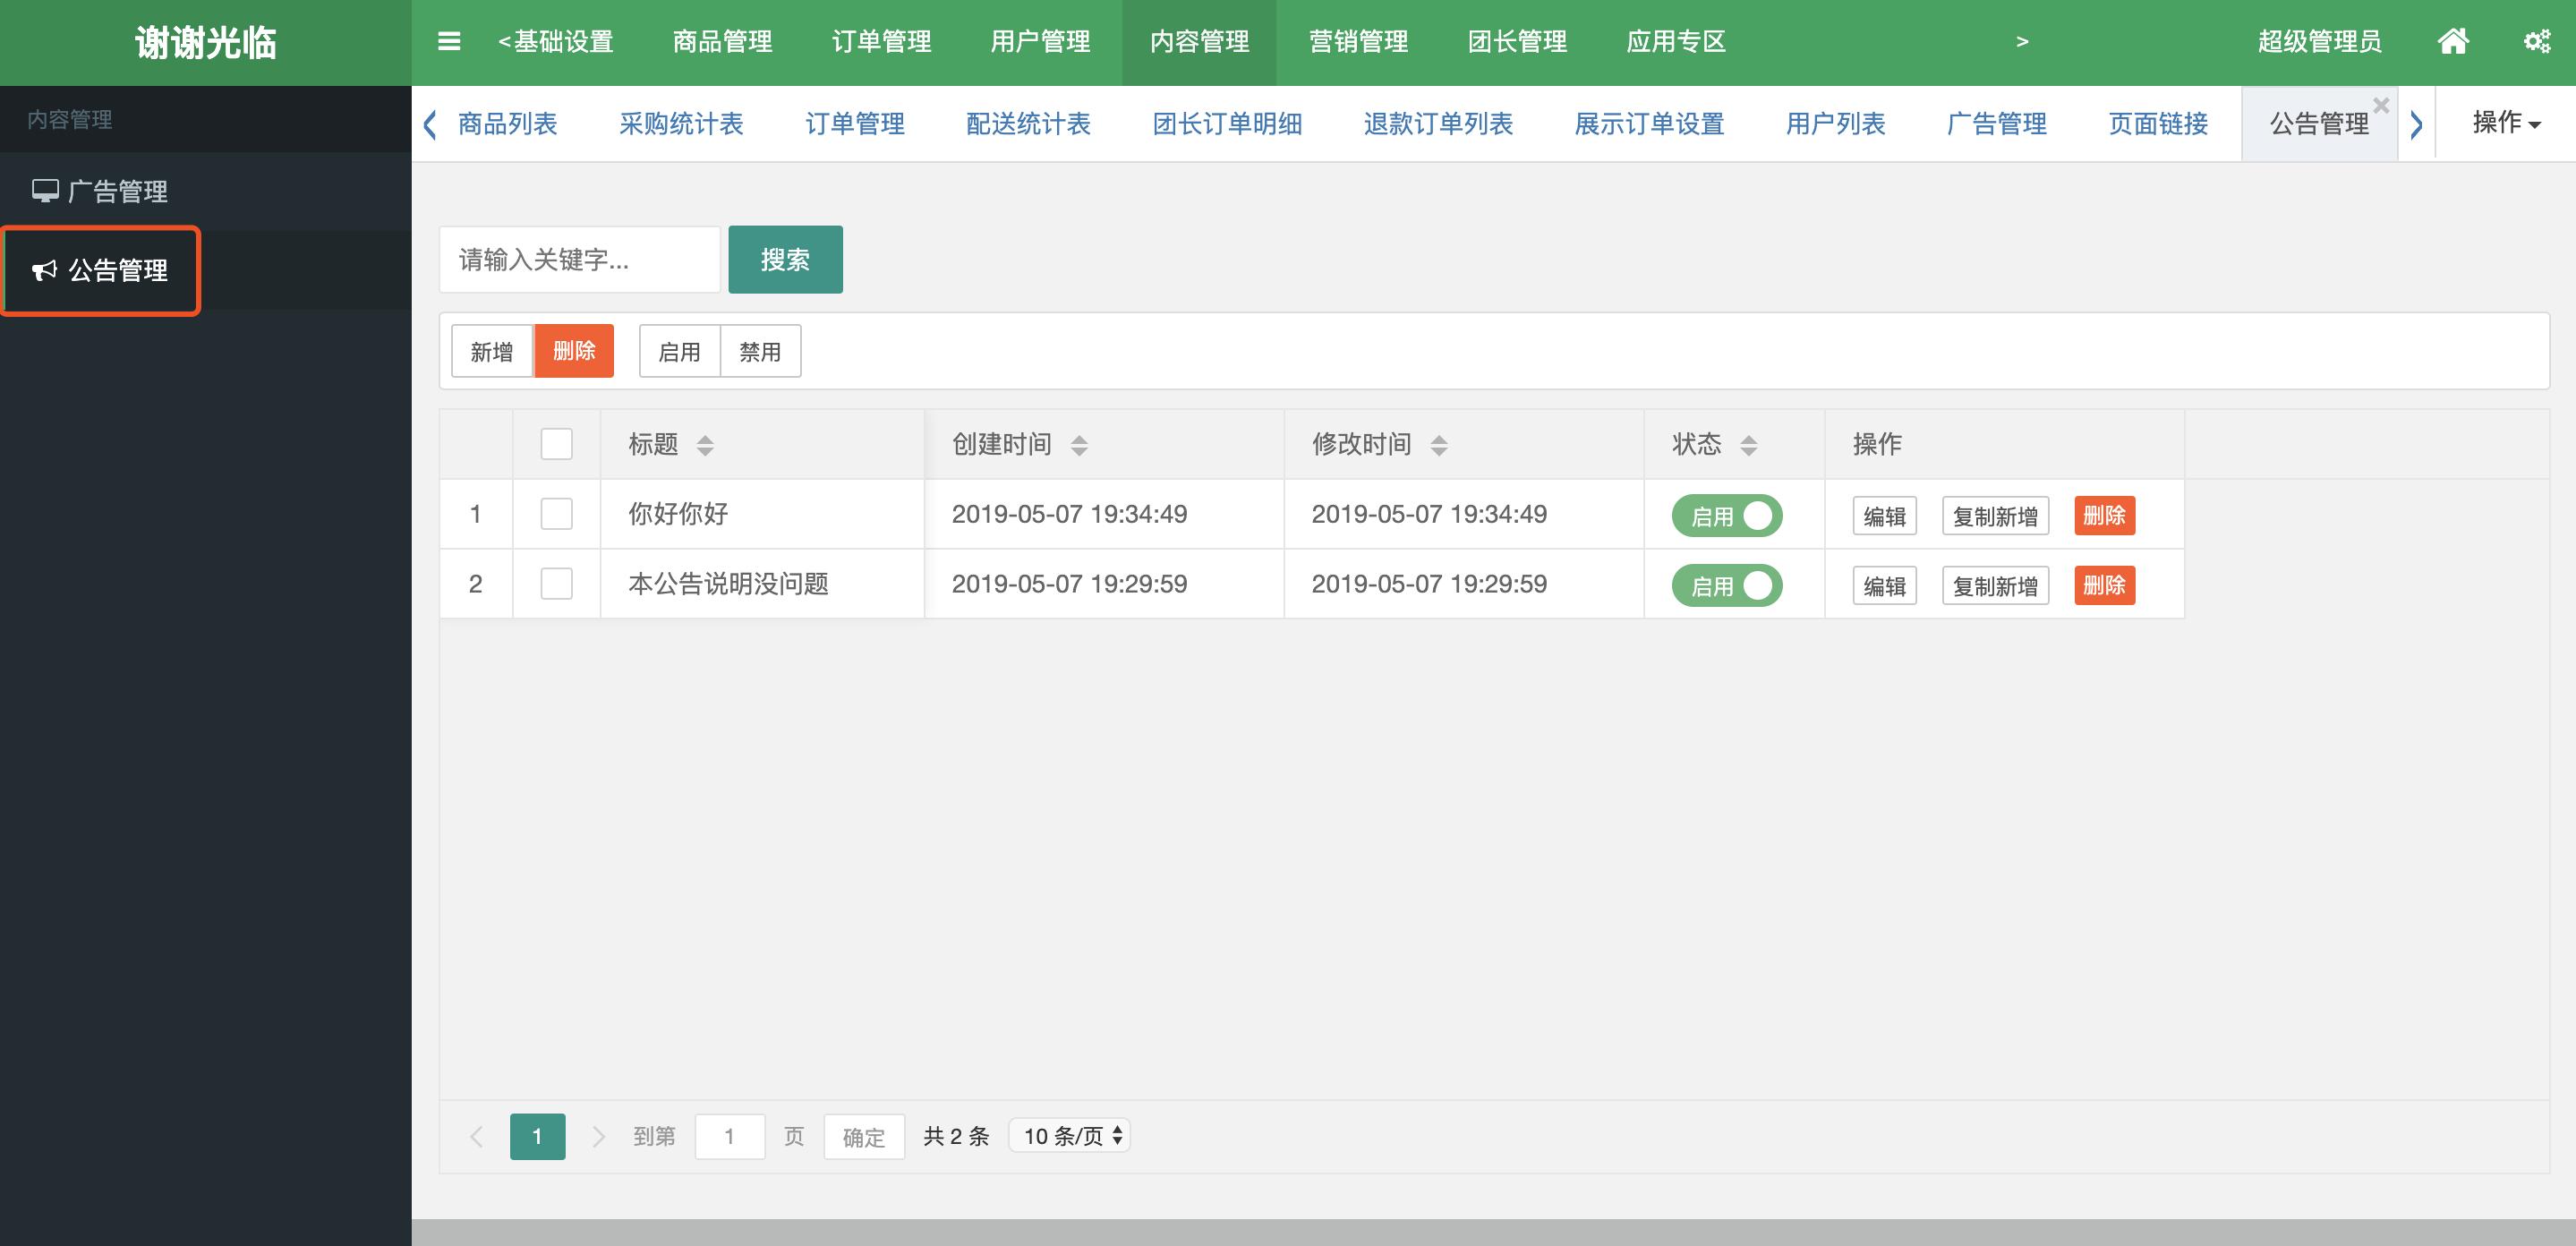 ../../Downloads/社区团购小程序/订单管理/公告管理.png